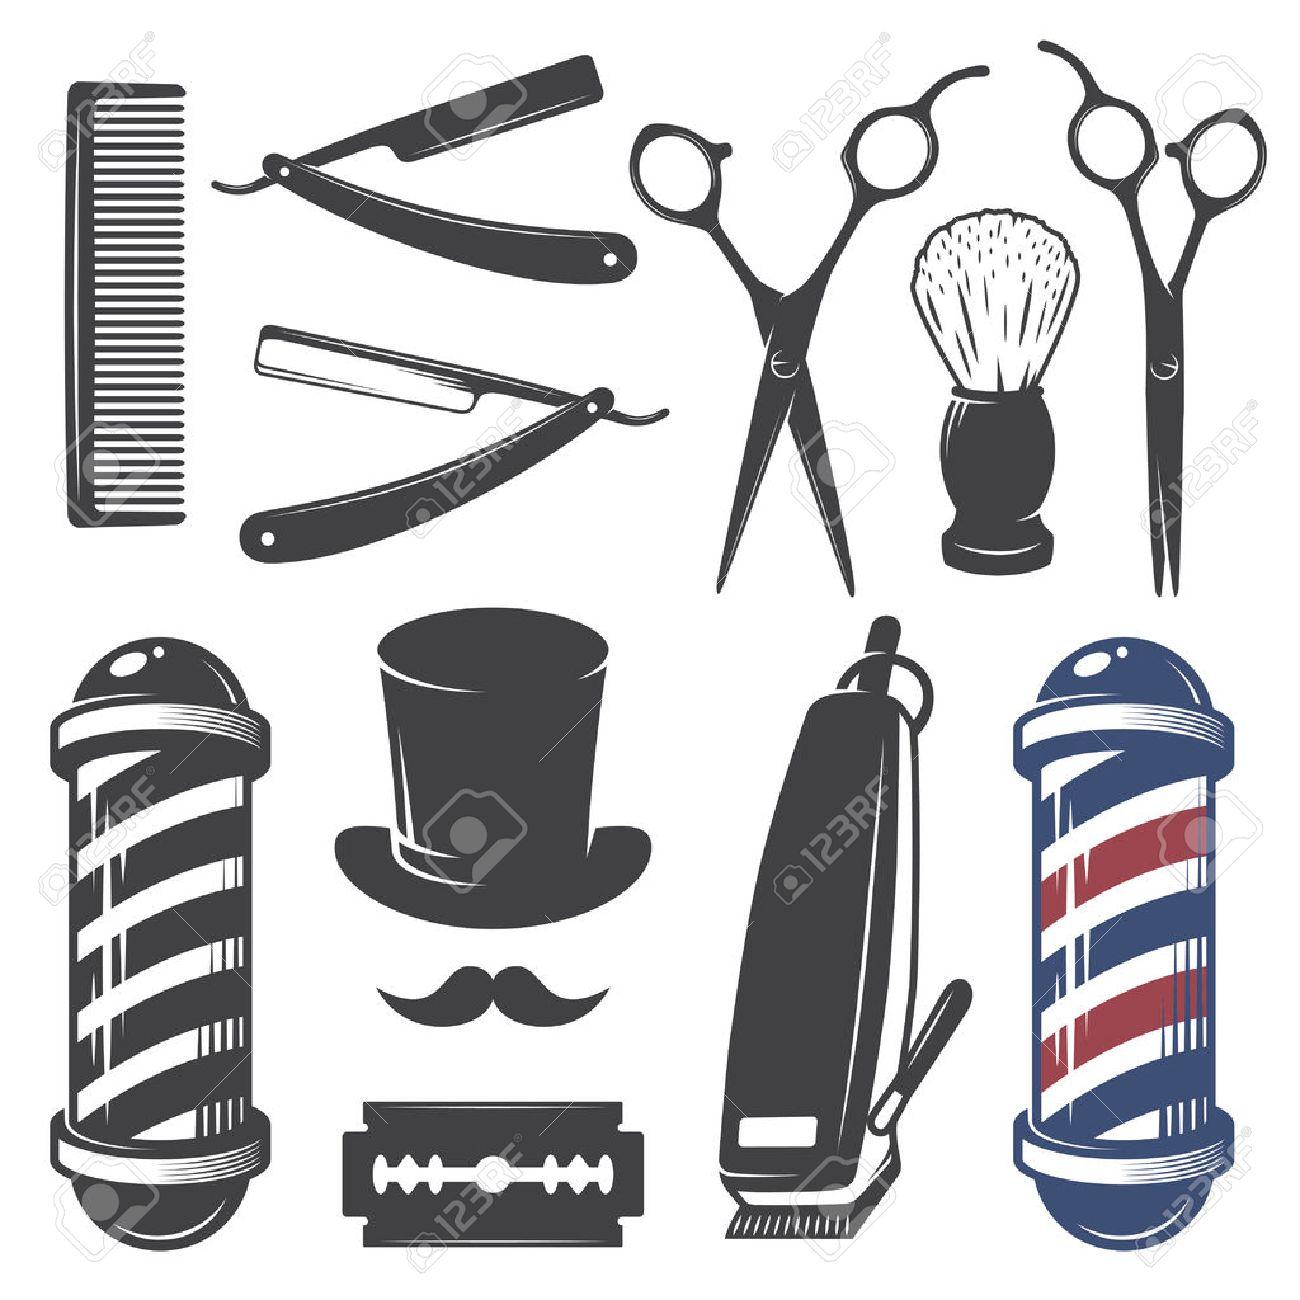 Barber Clipart barber shop  Set of vintage